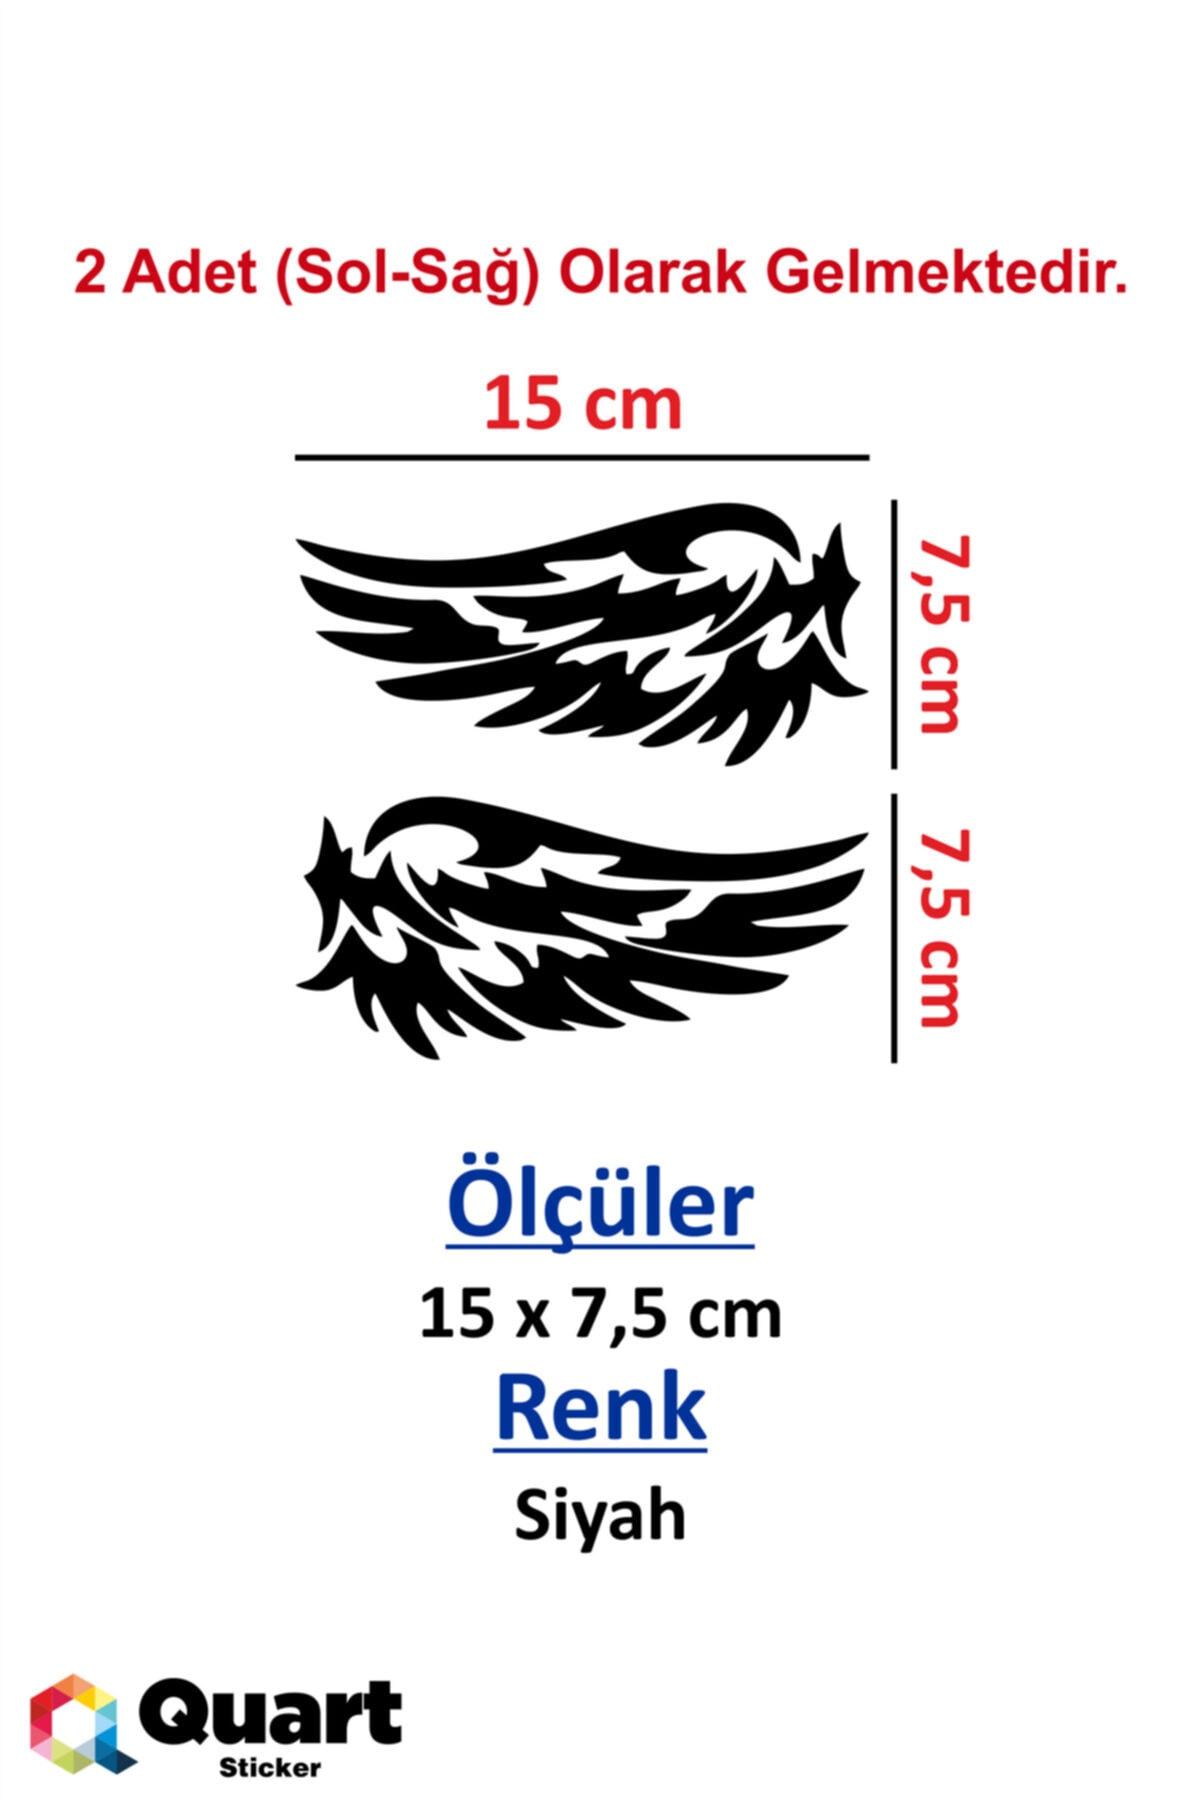 Quart Aksesuar 2 Adet Kanat Sticker, Oto Sticker Araba Sticker 15 Cm Siyah 2